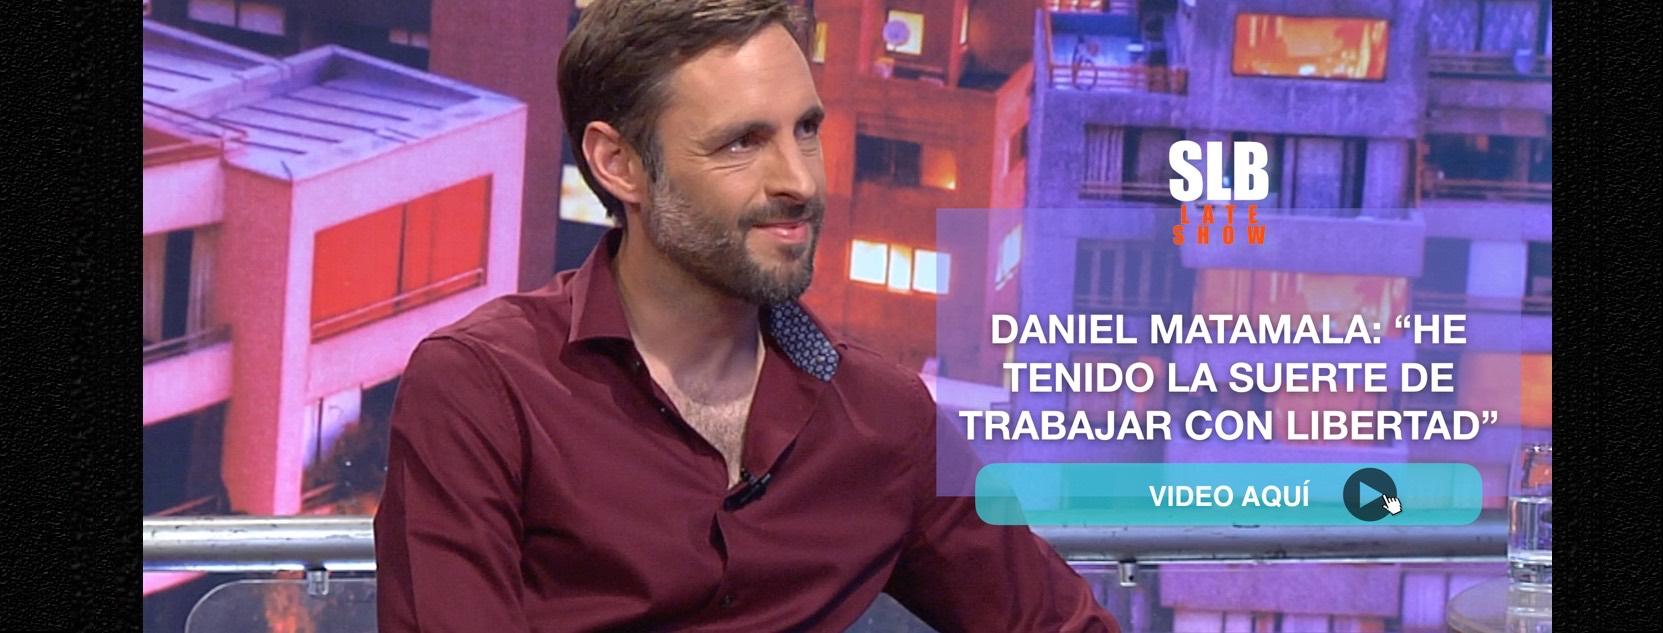 Daniel-matamala